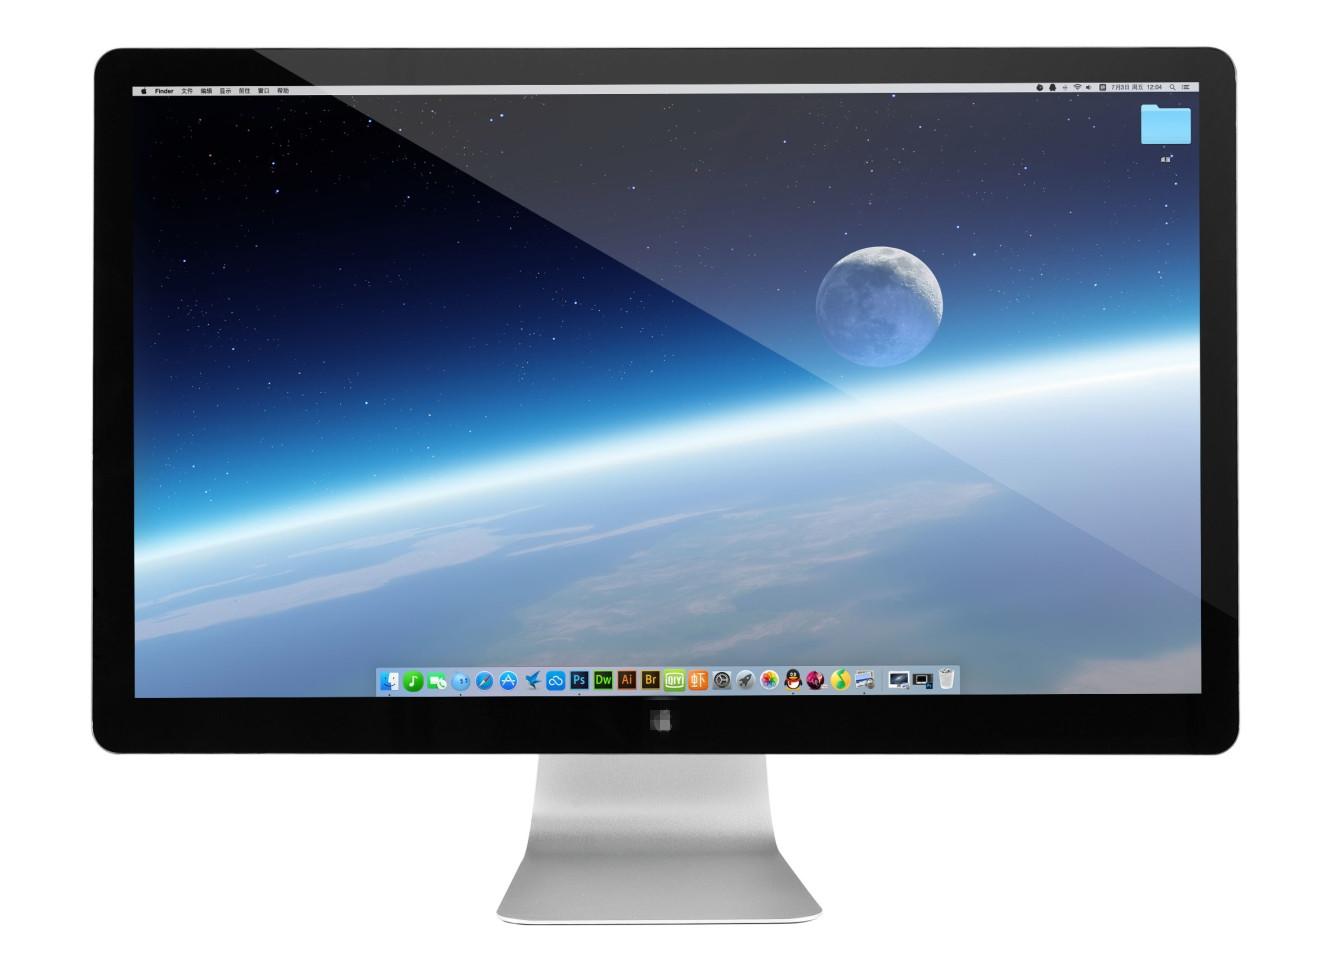 全新/HP HD6450 1G 带DP接口 苹果显示器连接显卡  大小机箱可用